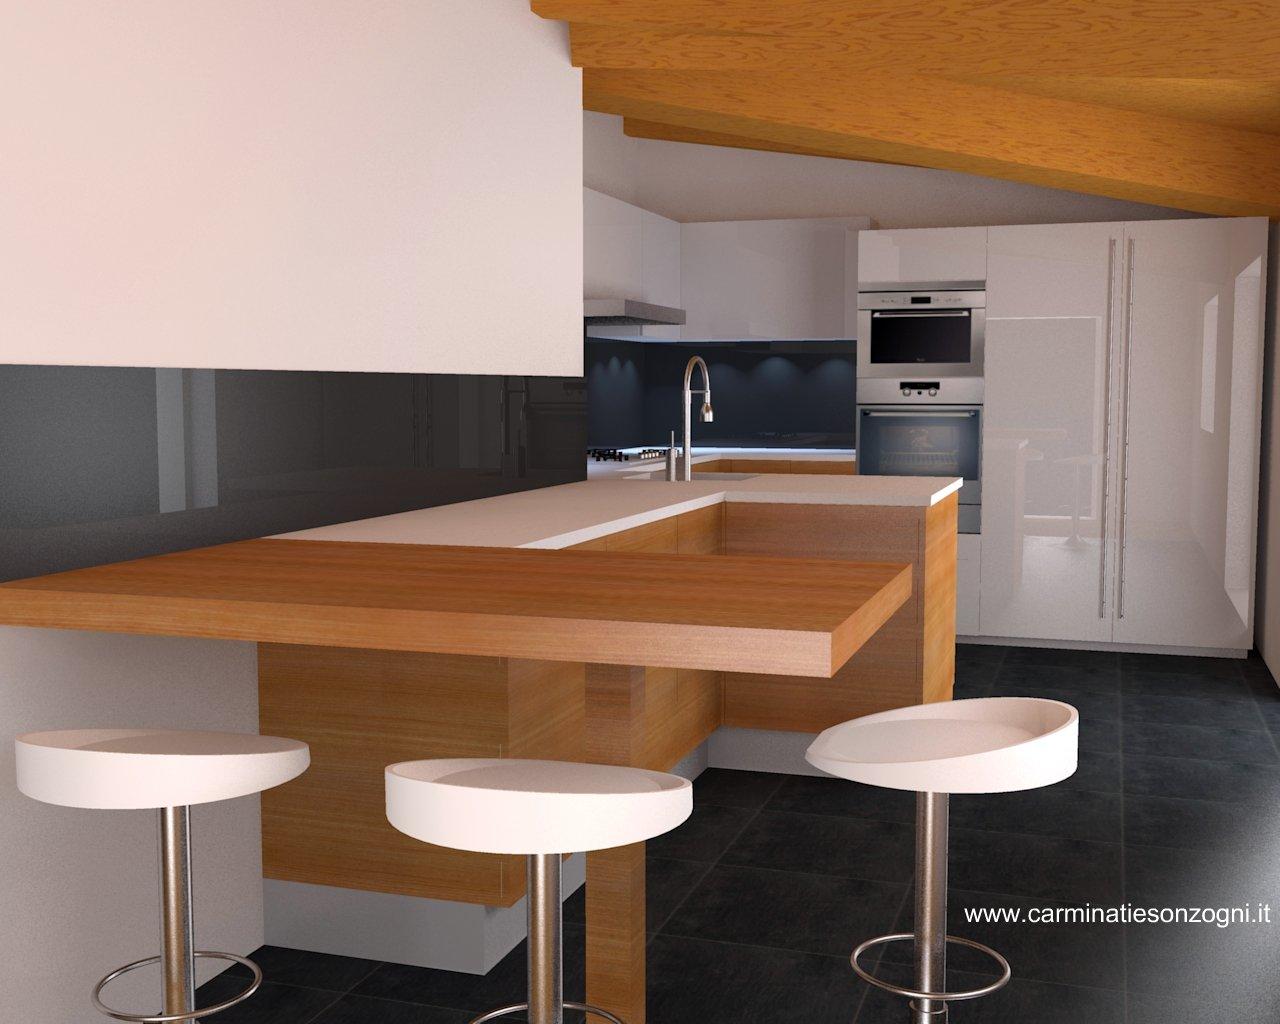 Cucina In Mansarda - Sledbralorne.com - sledbralorne.com